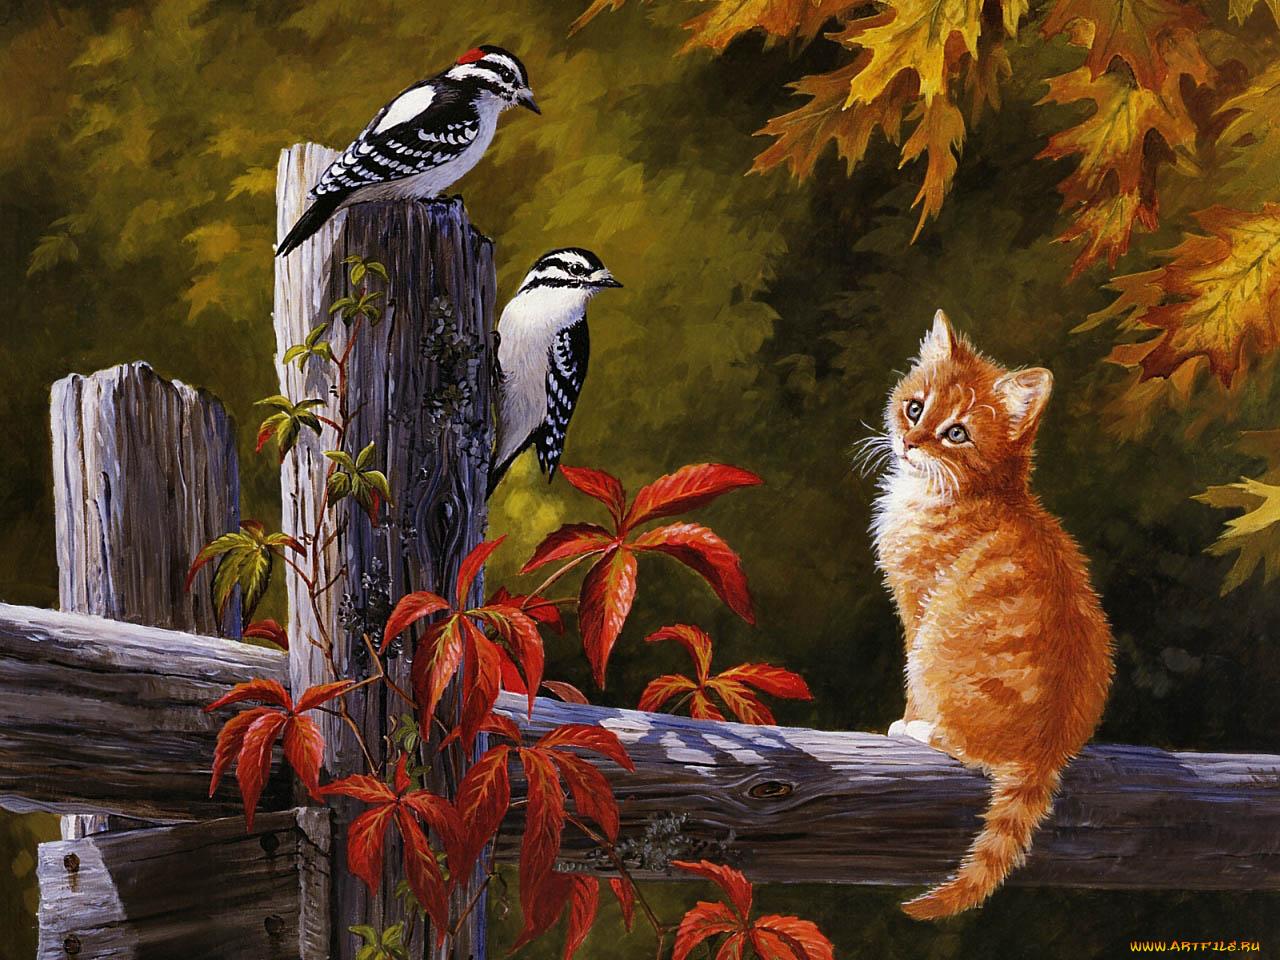 Нарисованные картинки с животными